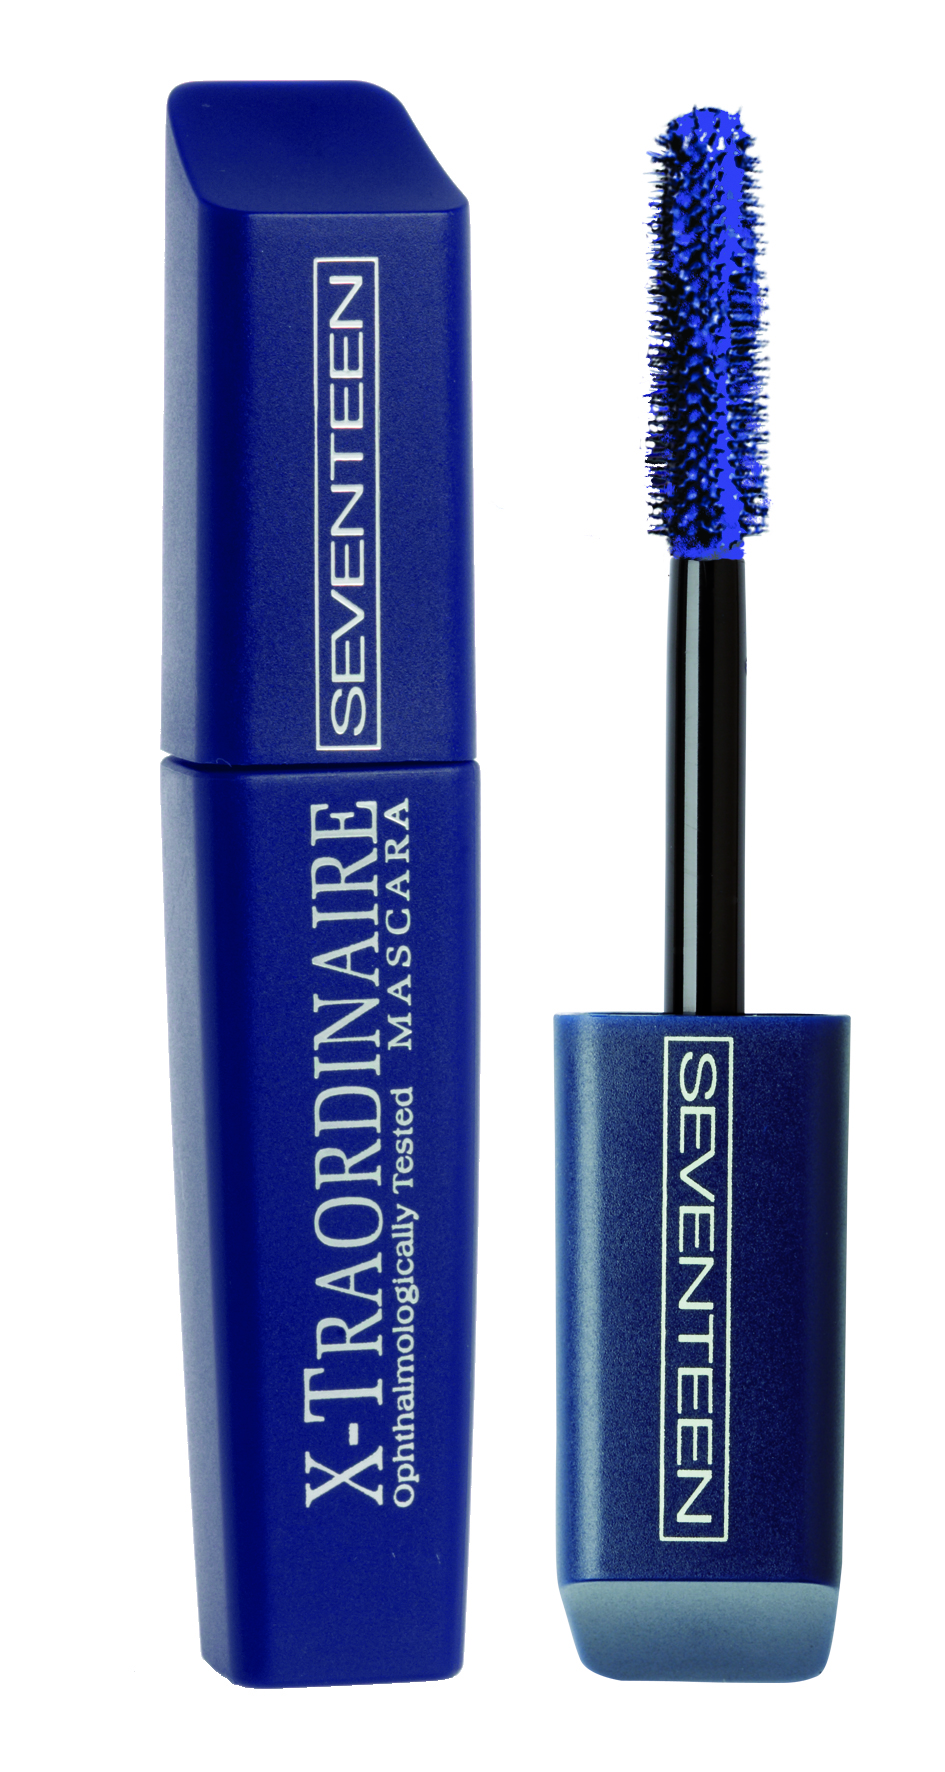 SEVENTEEN Тушь удлиняющая подкручивающая объемная для ресниц, 07 синяя / X-Traordinare Mascara 12 г